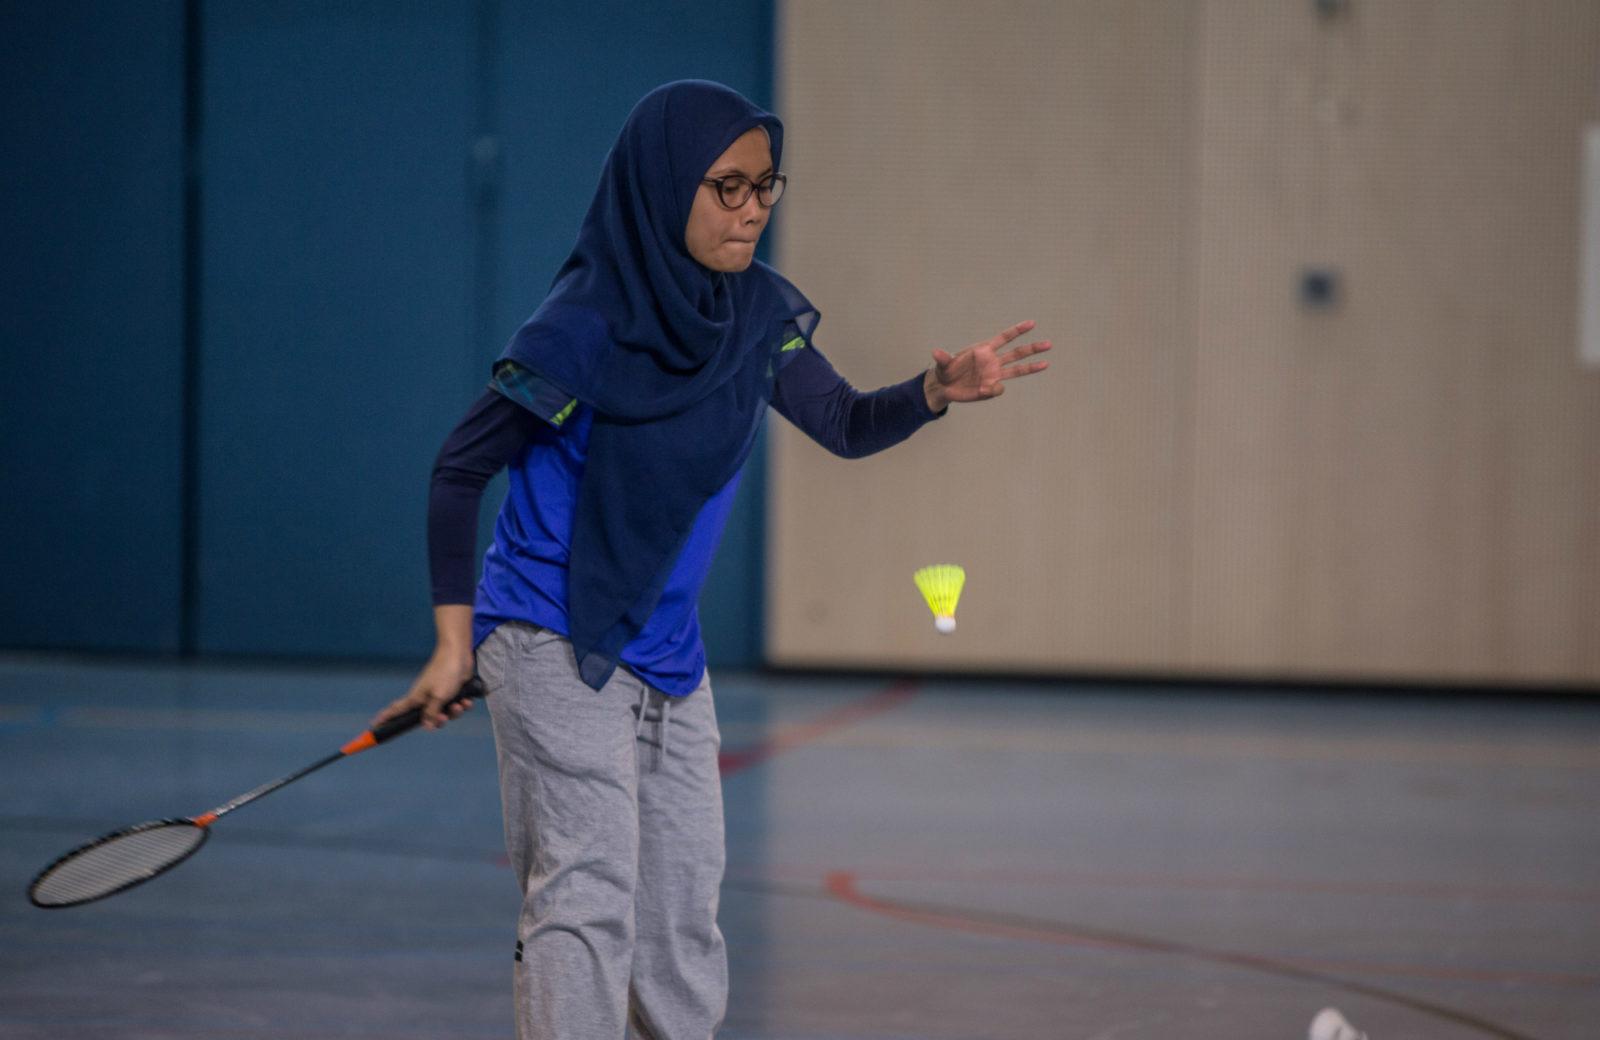 ISS_Sport_Badminton_EMOnTour_JackParker